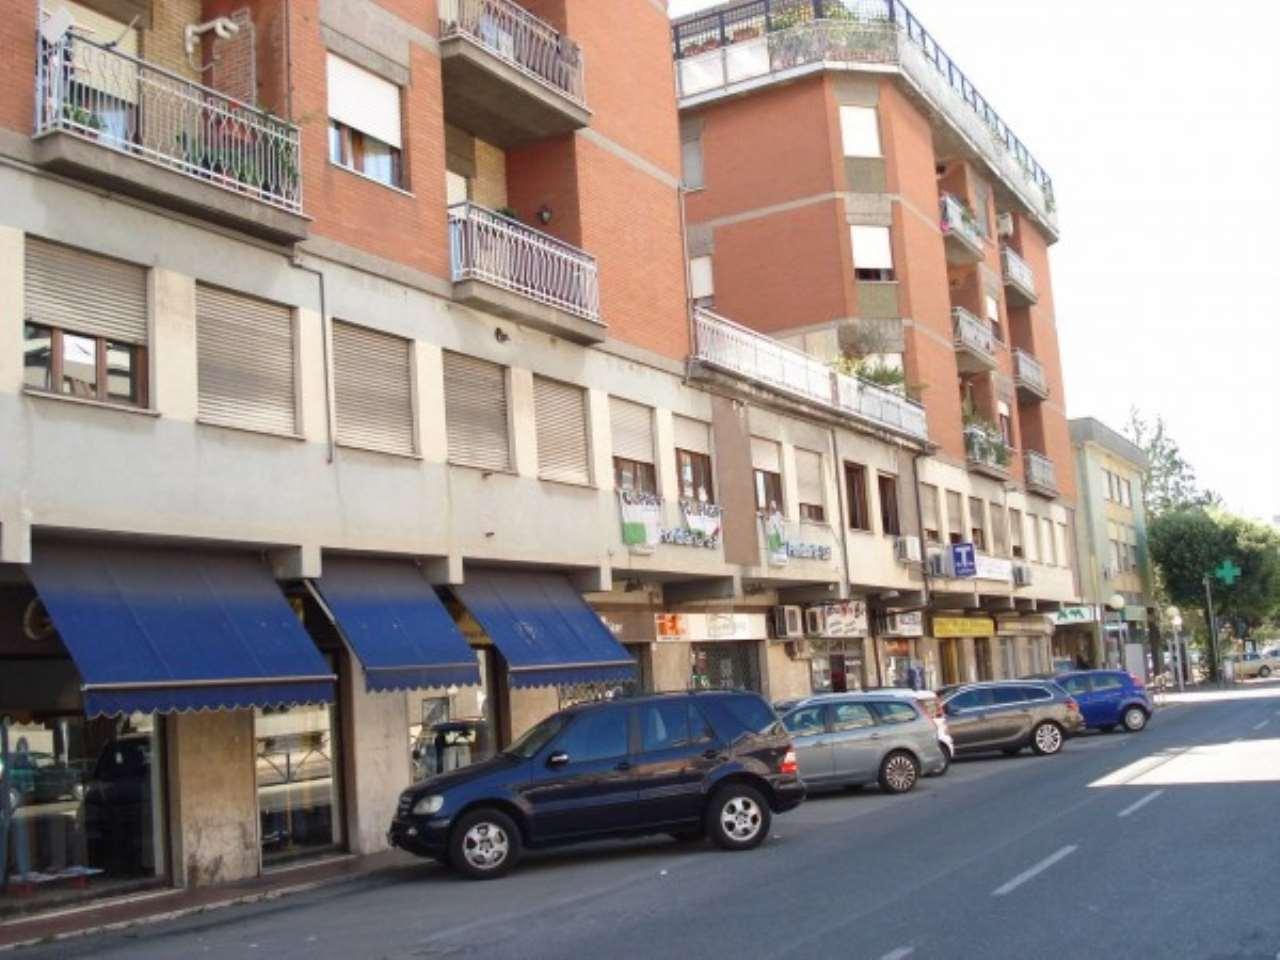 Ufficio / Studio in vendita a Rieti, 3 locali, prezzo € 125.000 | Cambio Casa.it